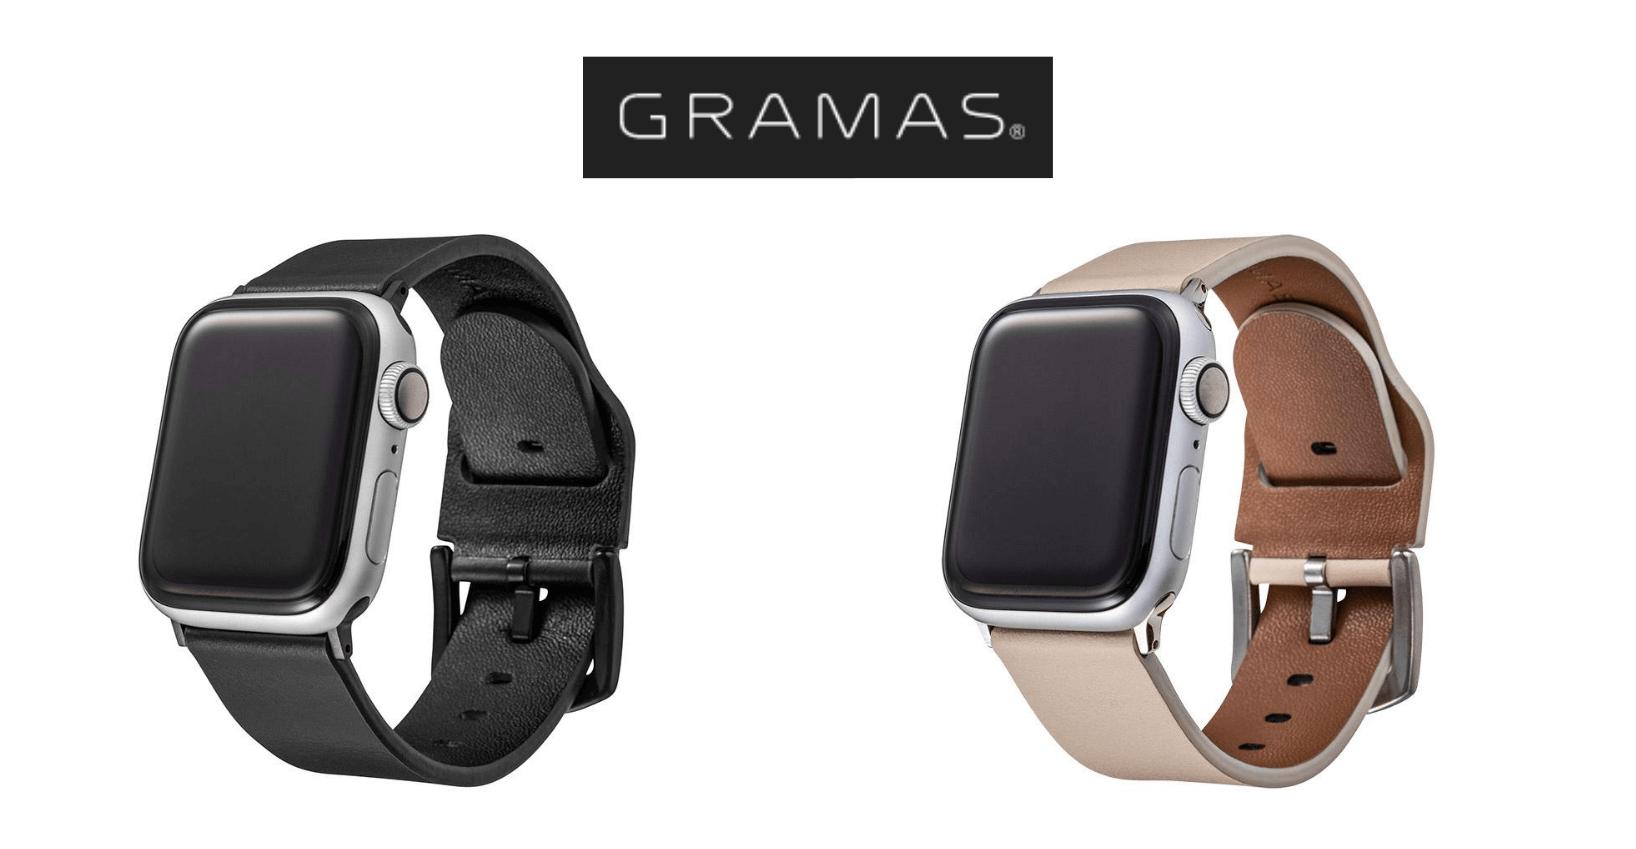 ビジネスに合うApple WatchのGRAMAS製品